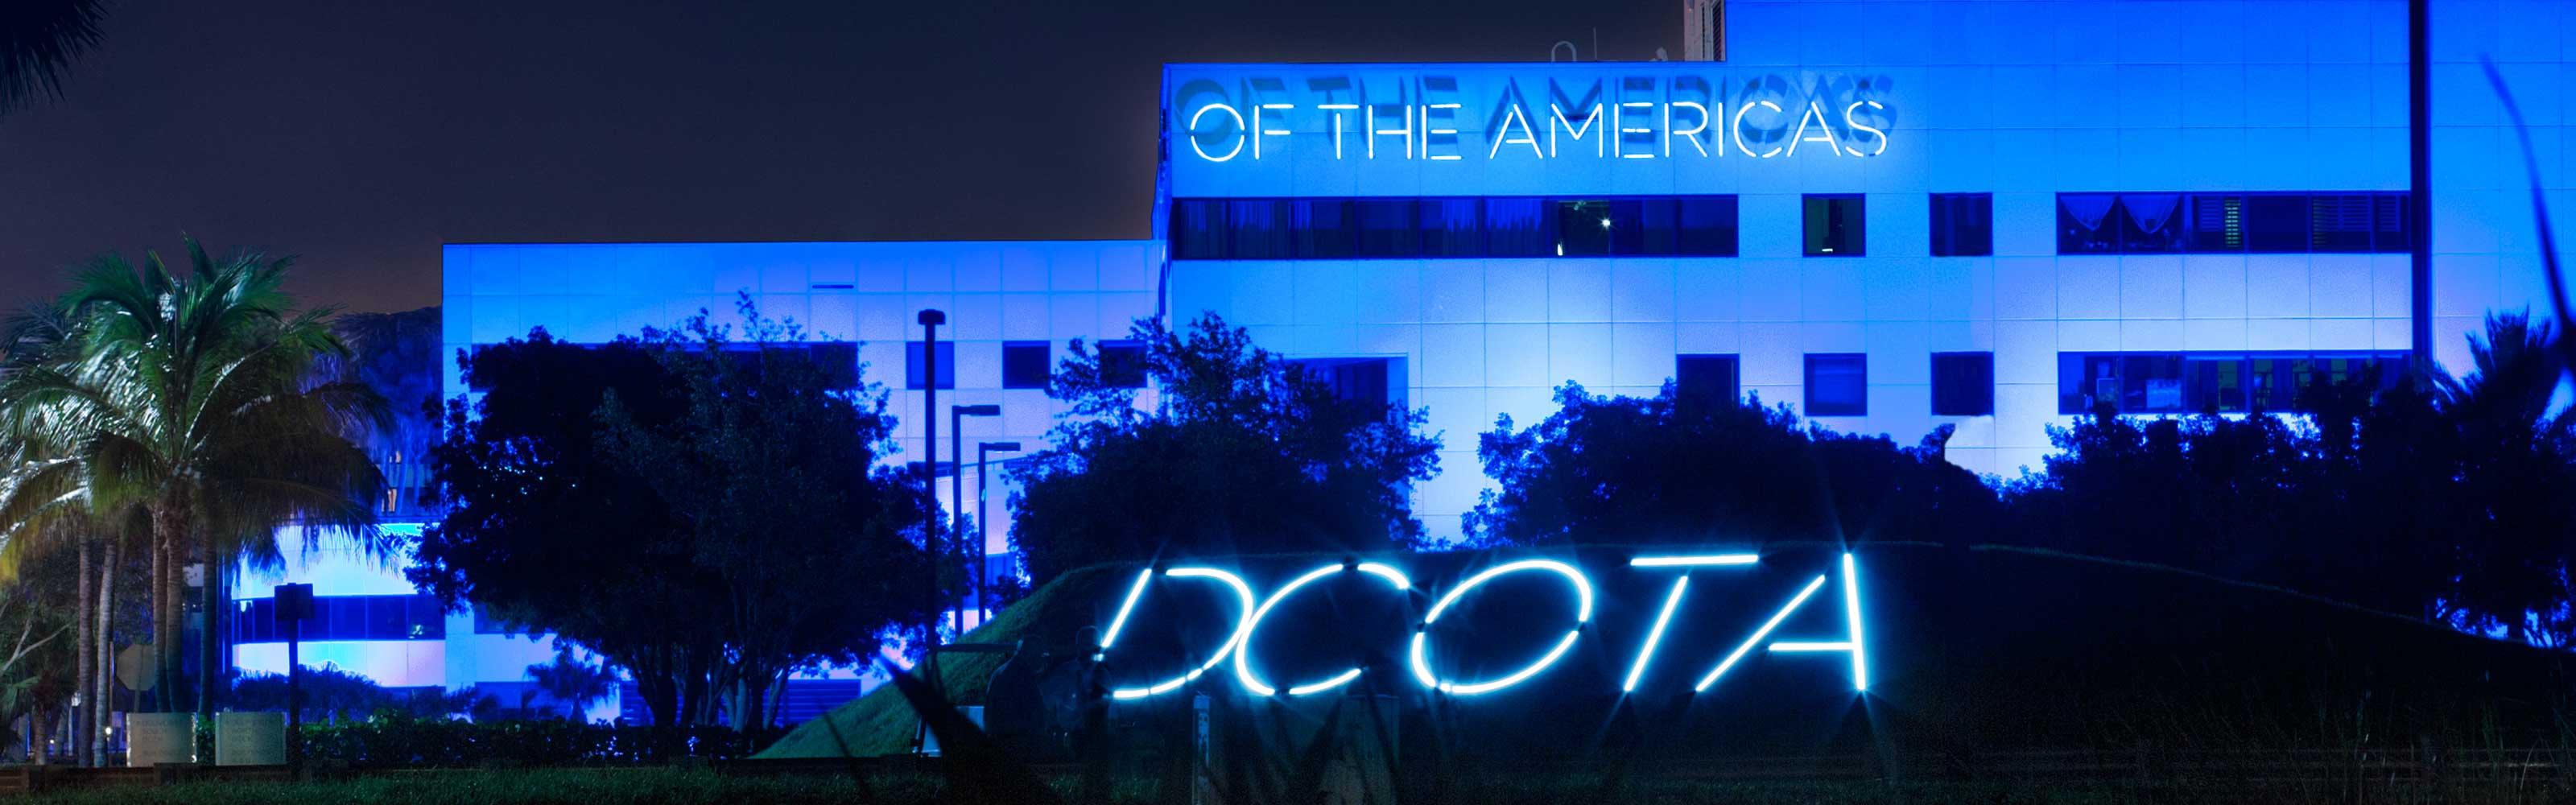 Dcota Information Design Center Of The Americas